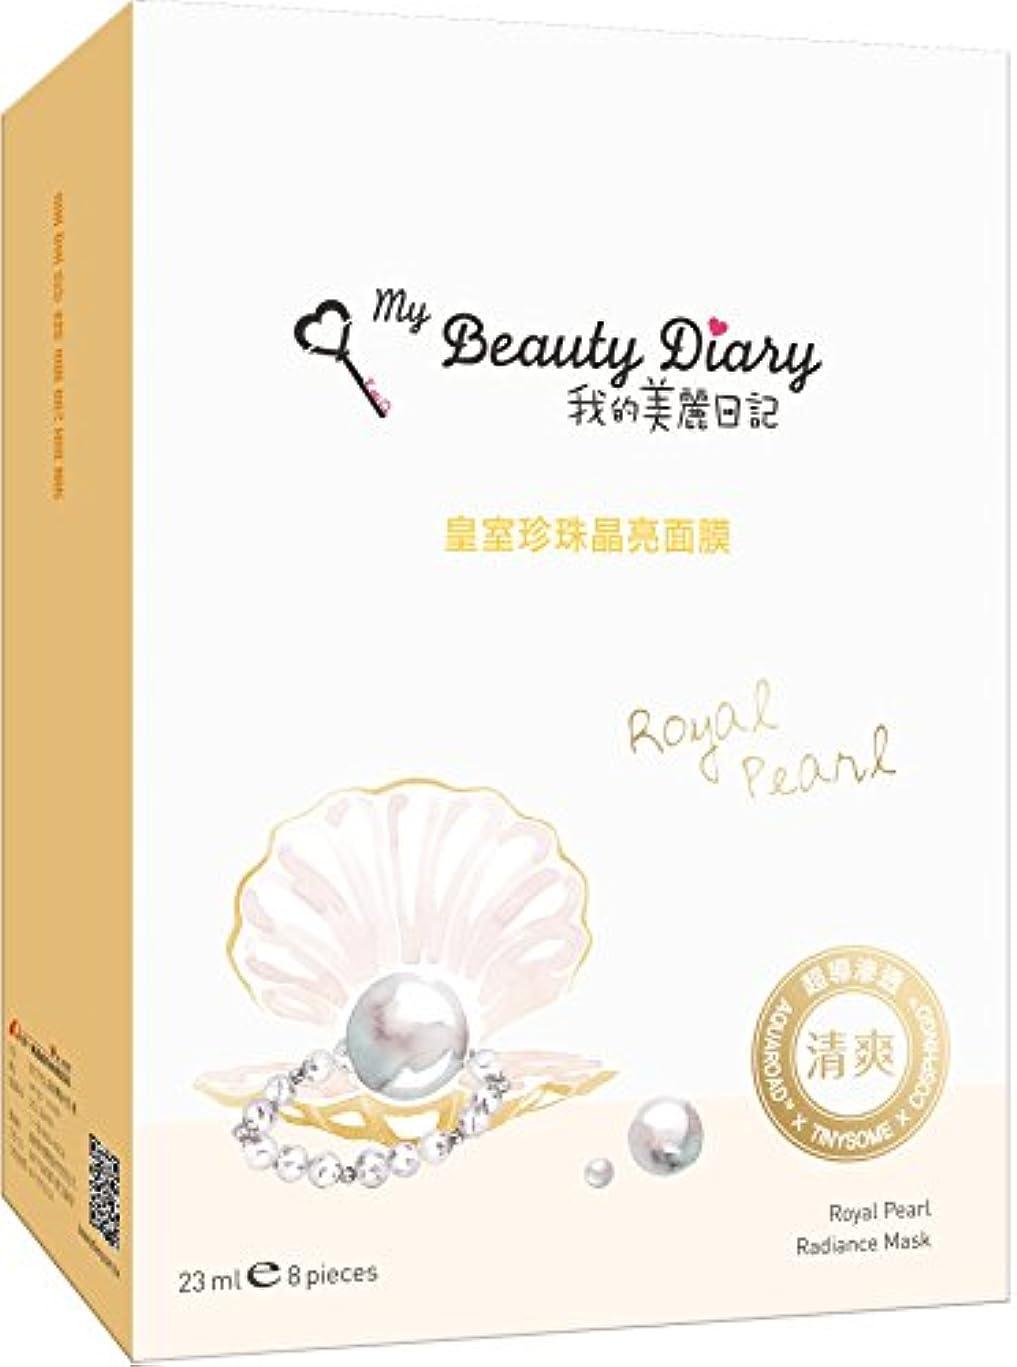 レンチ家事をするせせらぎ《我的美麗日記》 私のきれい日記 ロイヤルパールマスク 8枚入り 《台湾 お土産》 [並行輸入品]